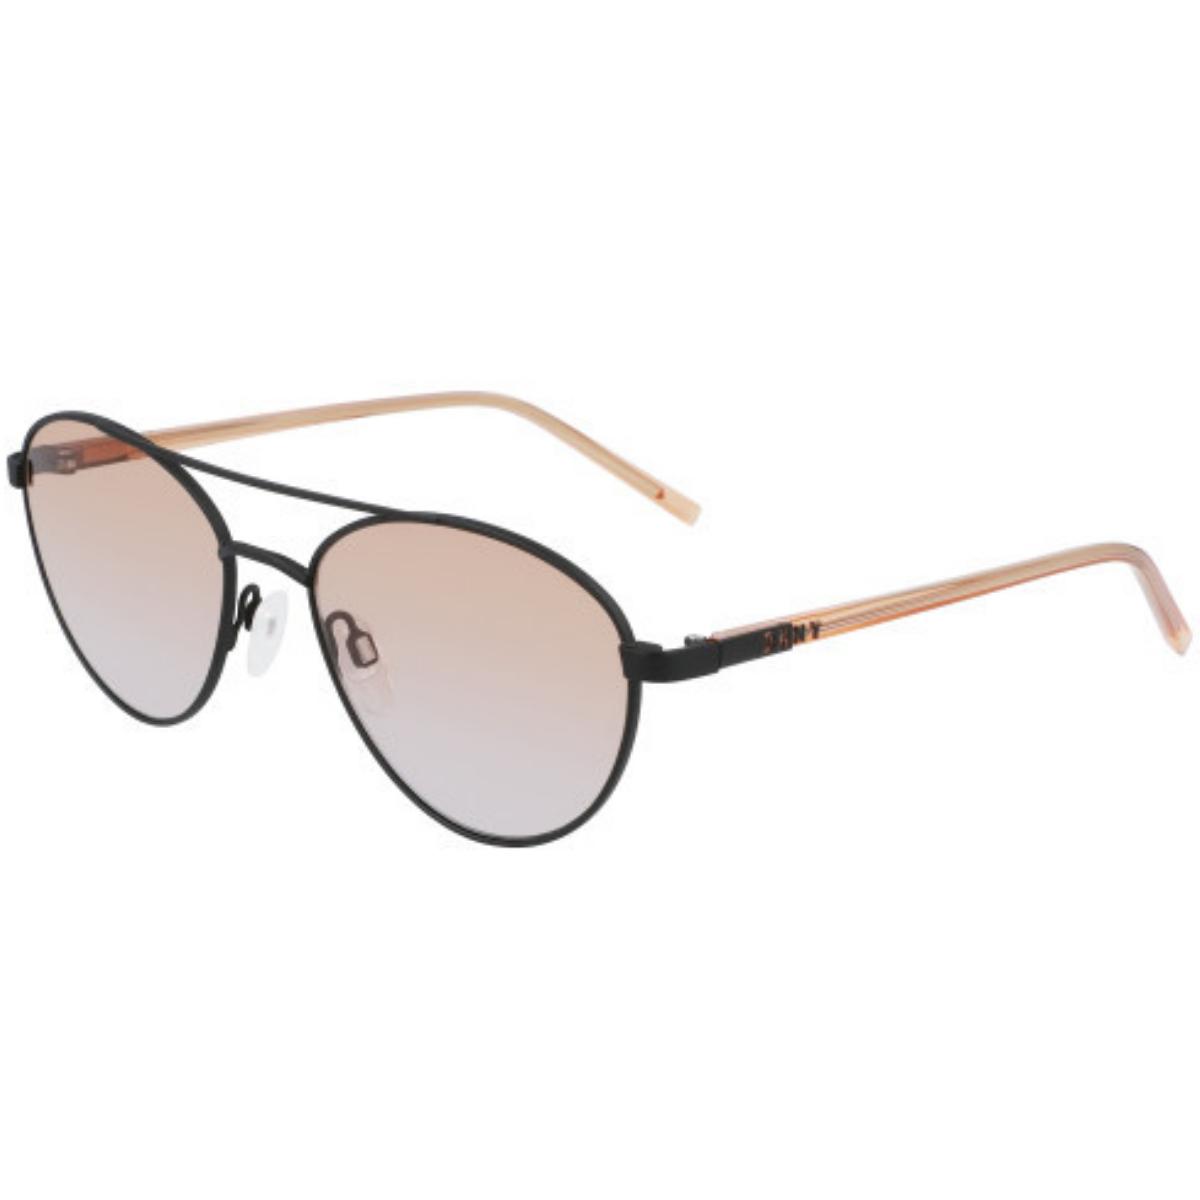 Óculos de Sol Feminino DKNY DK302S